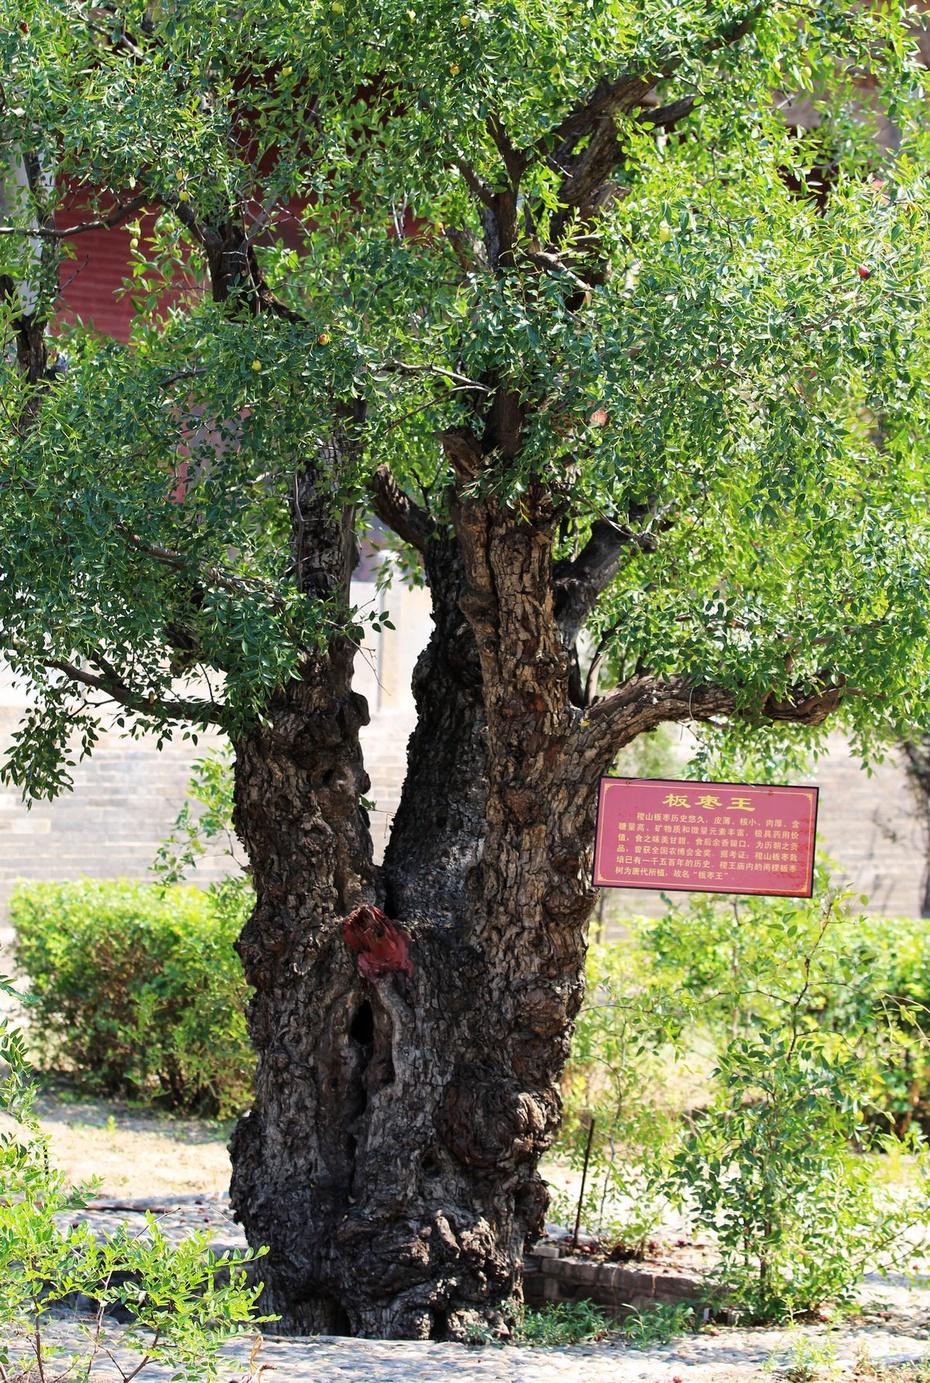 庙内还有一棵板枣树,据说是唐朝所植,历